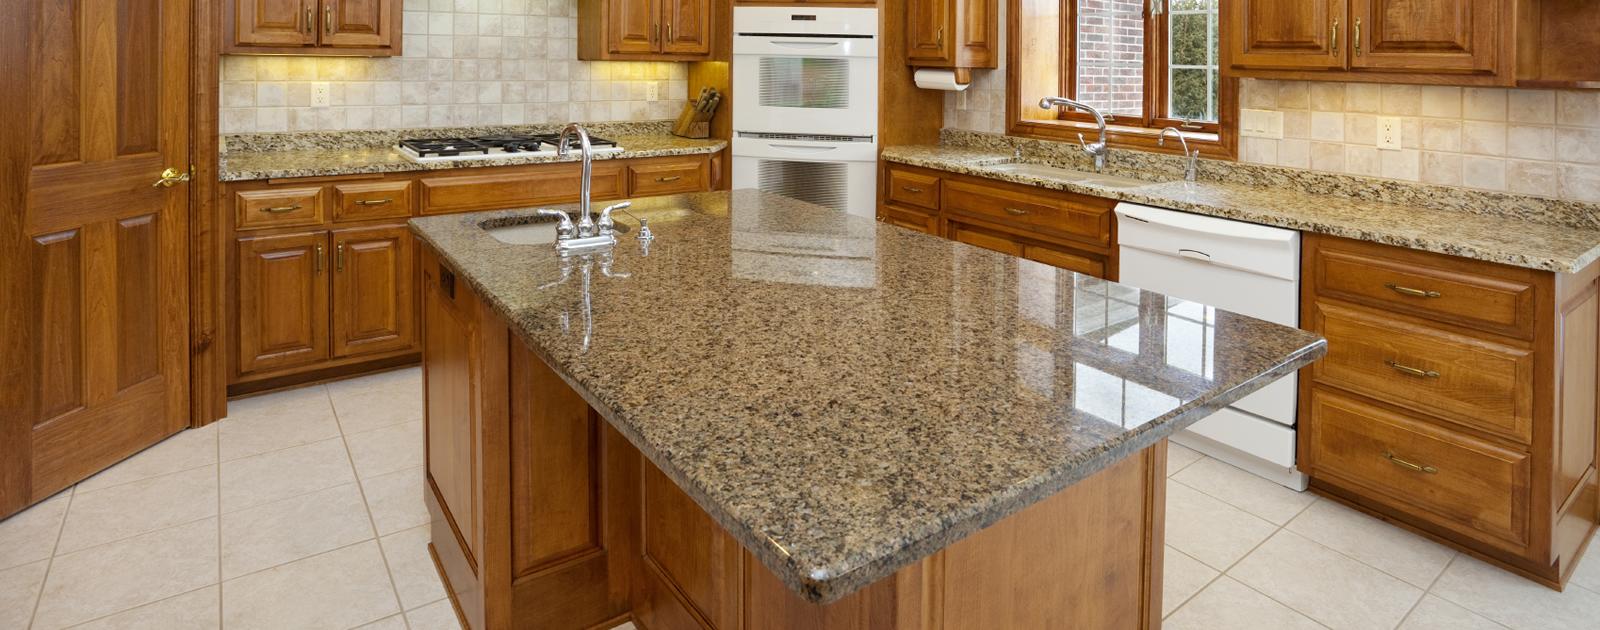 naturesstonedirectmn granite countertops kitchen Nature s Stone Granite Quality Granite Countertops